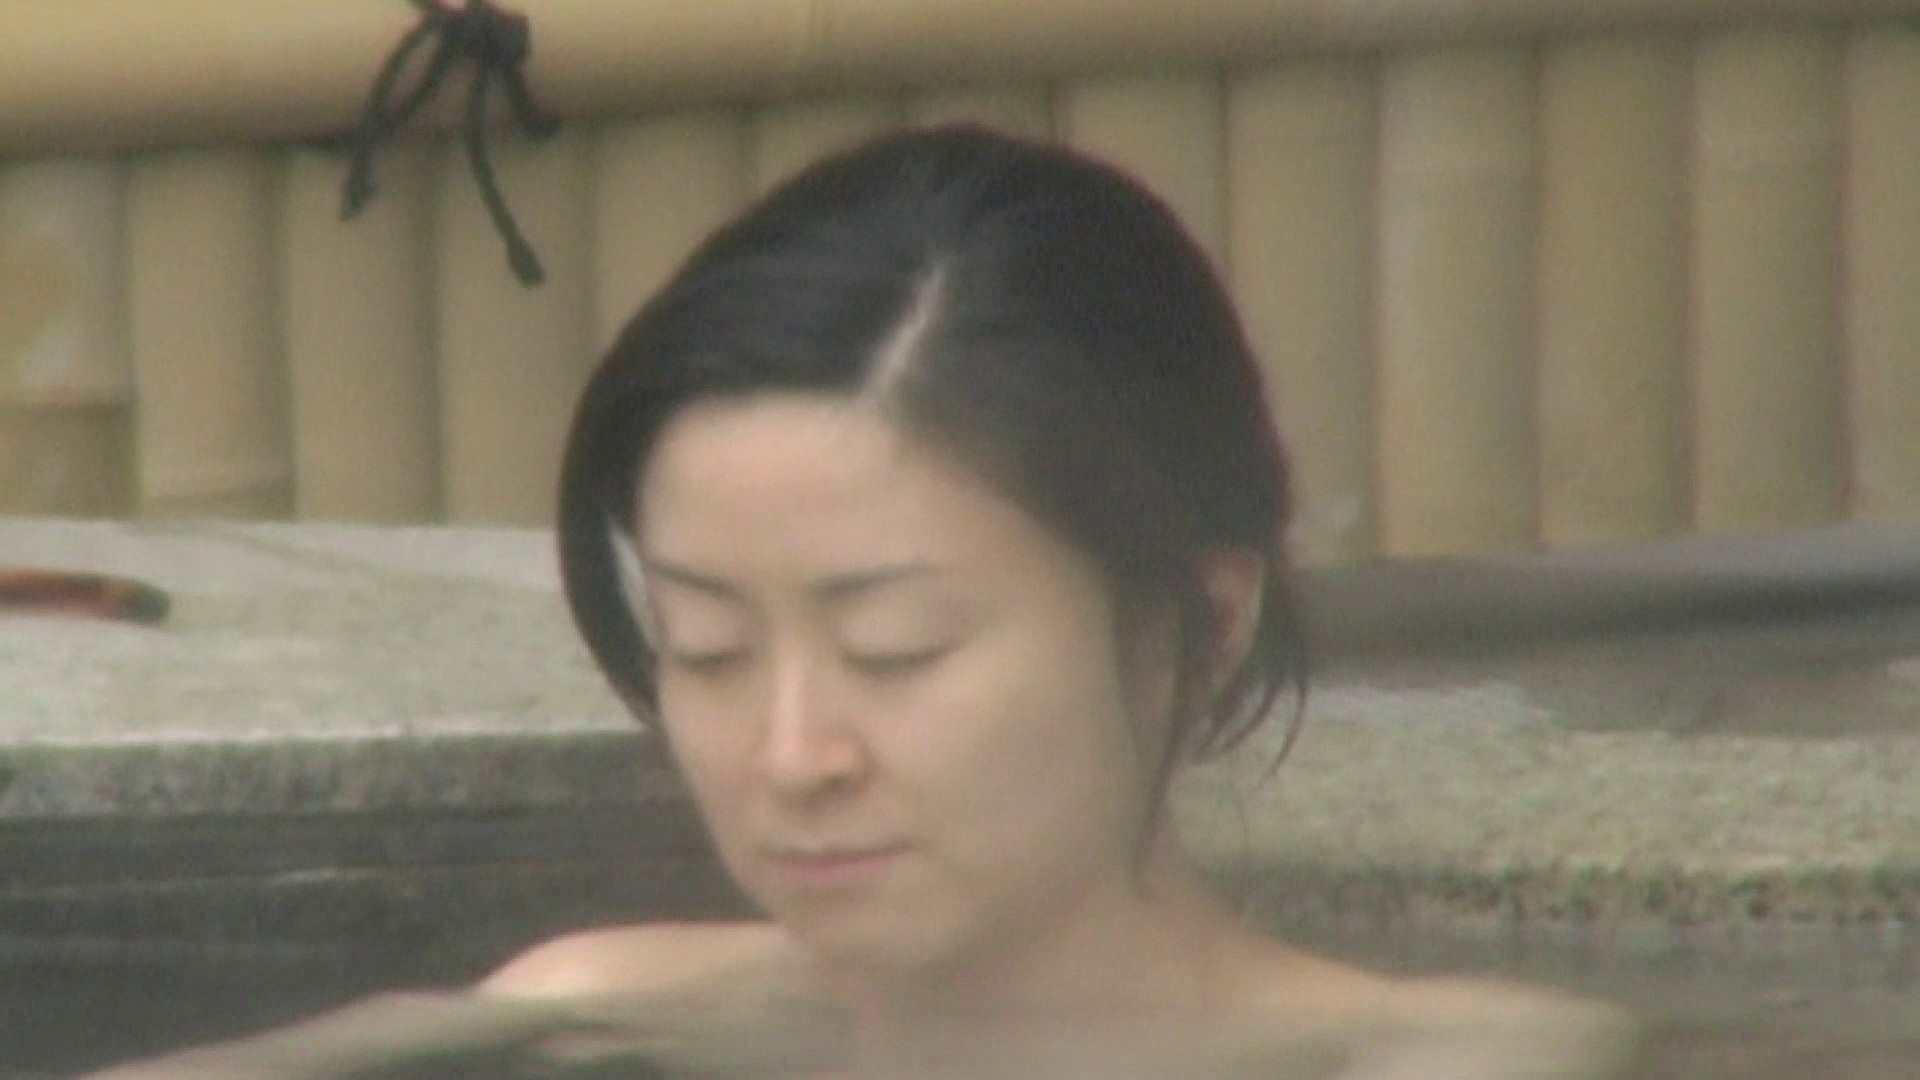 Aquaな露天風呂Vol.548 盗撮 | 露天  103画像 37